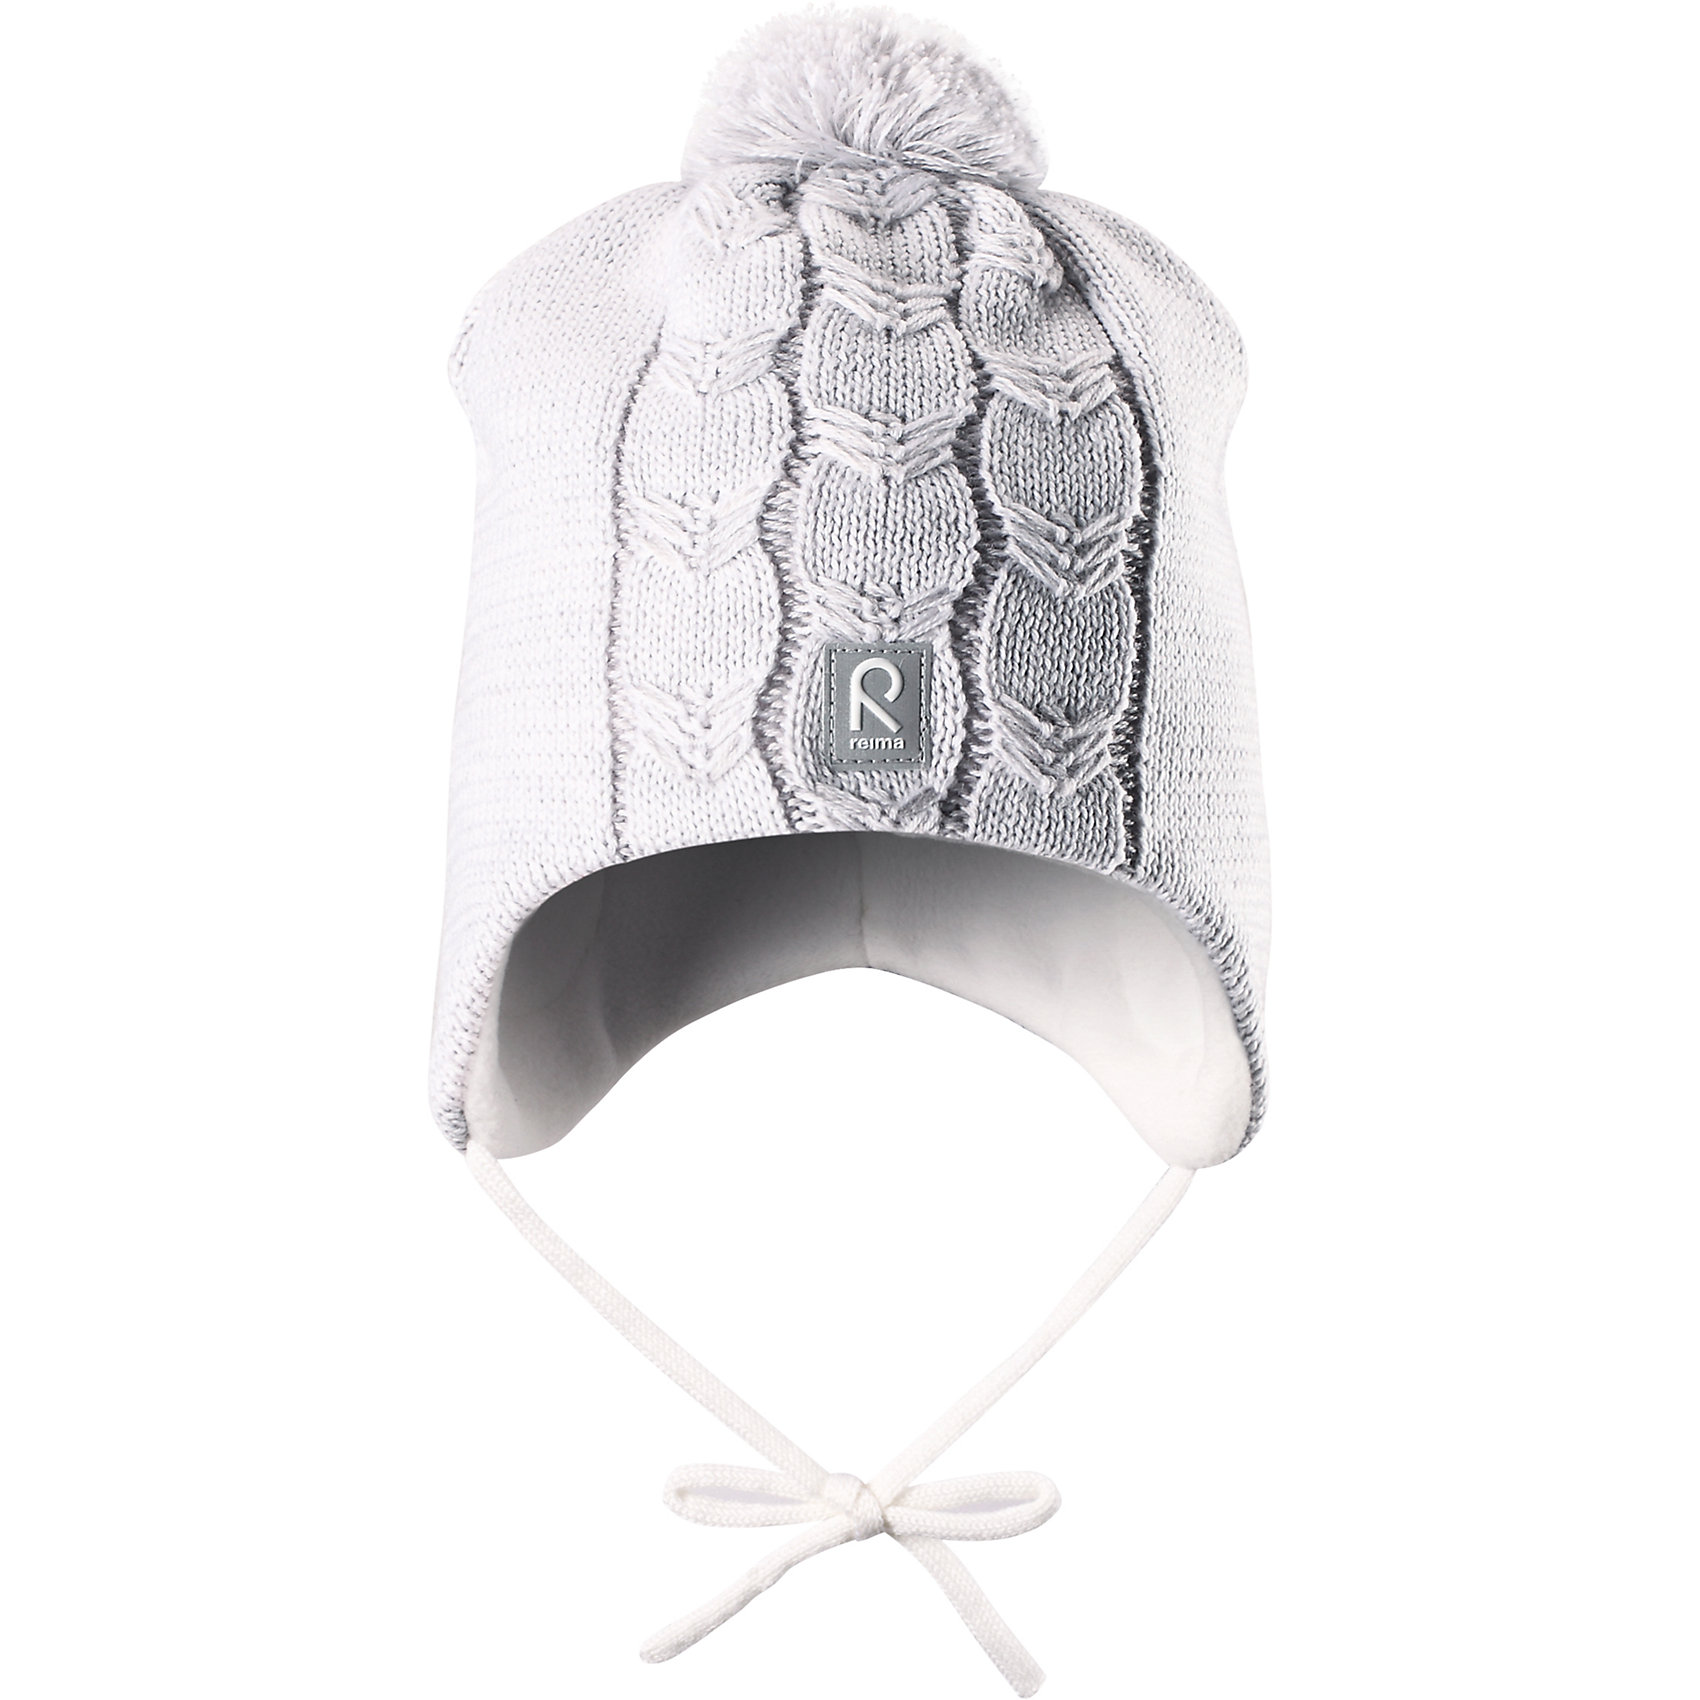 Шапка Piilossa для девочки ReimaШапка для девочки Reima<br>Шапка «Бини» для малышей. Мягкая ткань из мериносовой шерсти для поддержания идеальной температуры тела. Теплый толстый качественный трикотаж. Товар сертифицирован Oeko-Tex, класс 1, одежда для малышей. Ветронепроницаемые вставки в области ушей. Любые размеры. Мягкая теплая подкладка из поларфлиса. Логотип Reima® спереди. Помпон сверху. Интересная структура поверхности. Светоотражающий элемент спереди.<br>Уход:<br>Стирать по отдельности, вывернув наизнанку. Придать первоначальную форму вo влажном виде. Возможна усадка 5 %.<br>Состав:<br>100% Шерсть<br><br>Ширина мм: 89<br>Глубина мм: 117<br>Высота мм: 44<br>Вес г: 155<br>Цвет: белый<br>Возраст от месяцев: 24<br>Возраст до месяцев: 60<br>Пол: Женский<br>Возраст: Детский<br>Размер: 52,46,50,48<br>SKU: 4777217